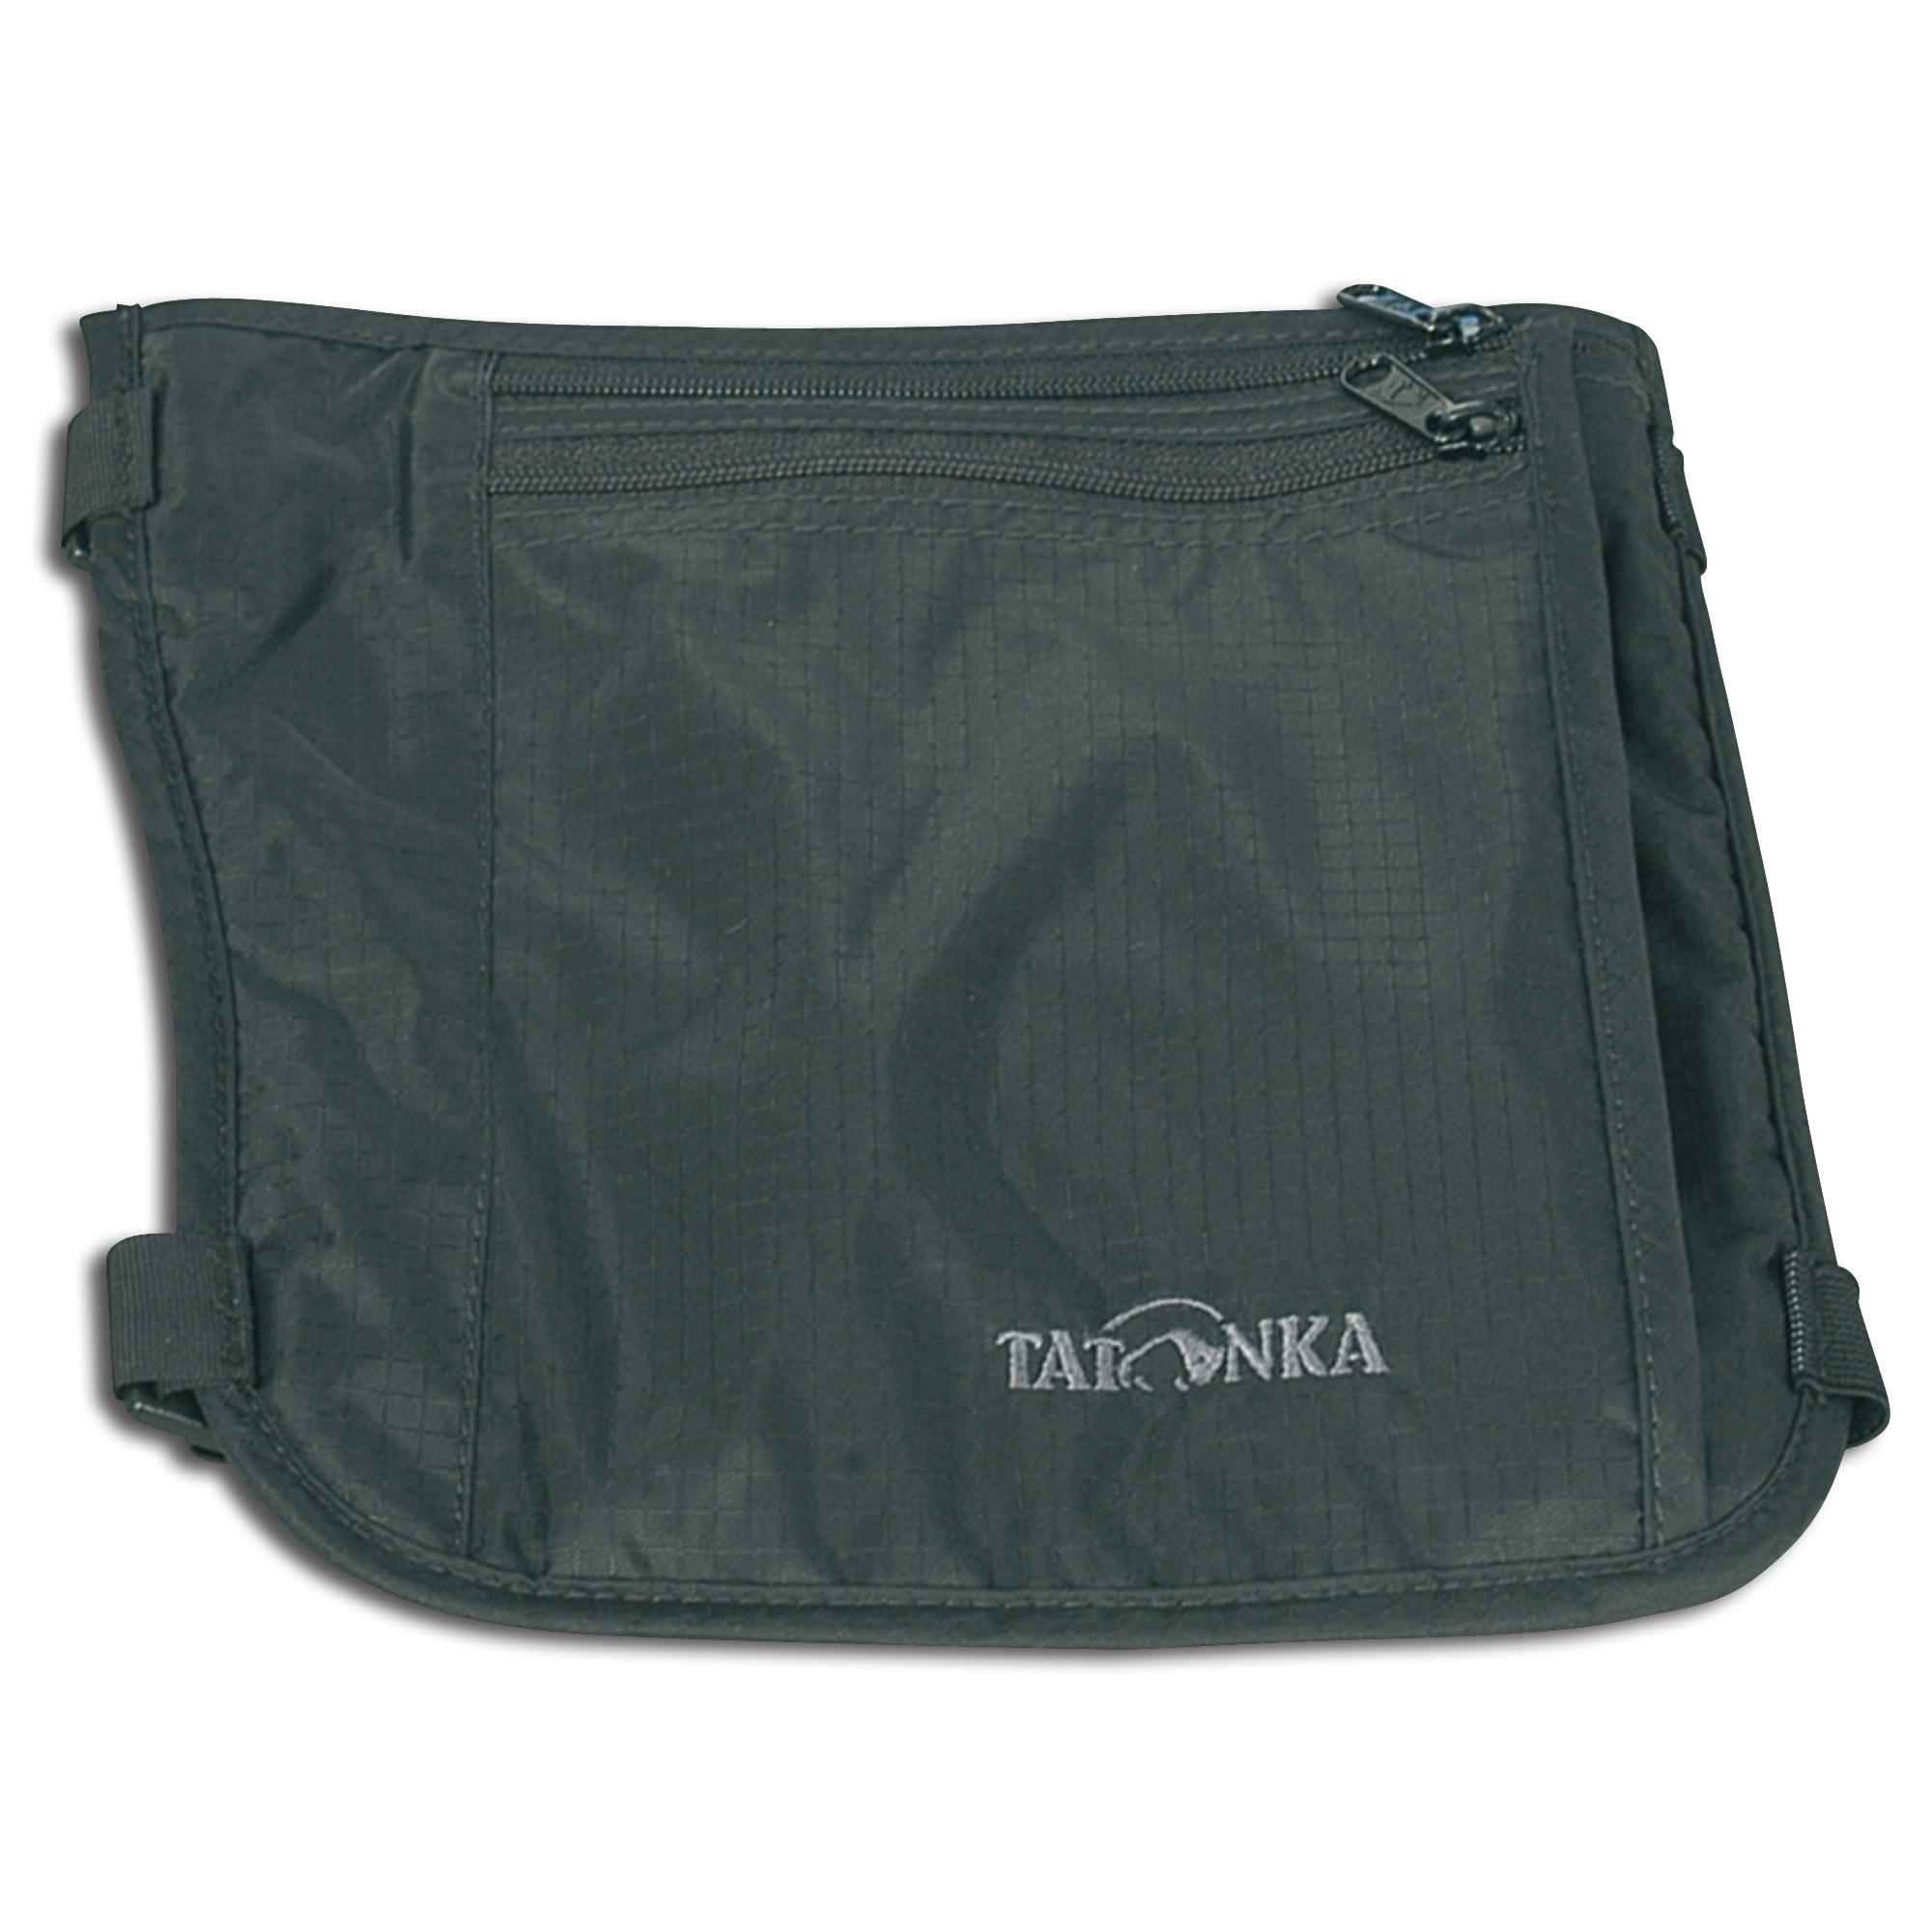 Tatonka Skin bolsillo secreto negro